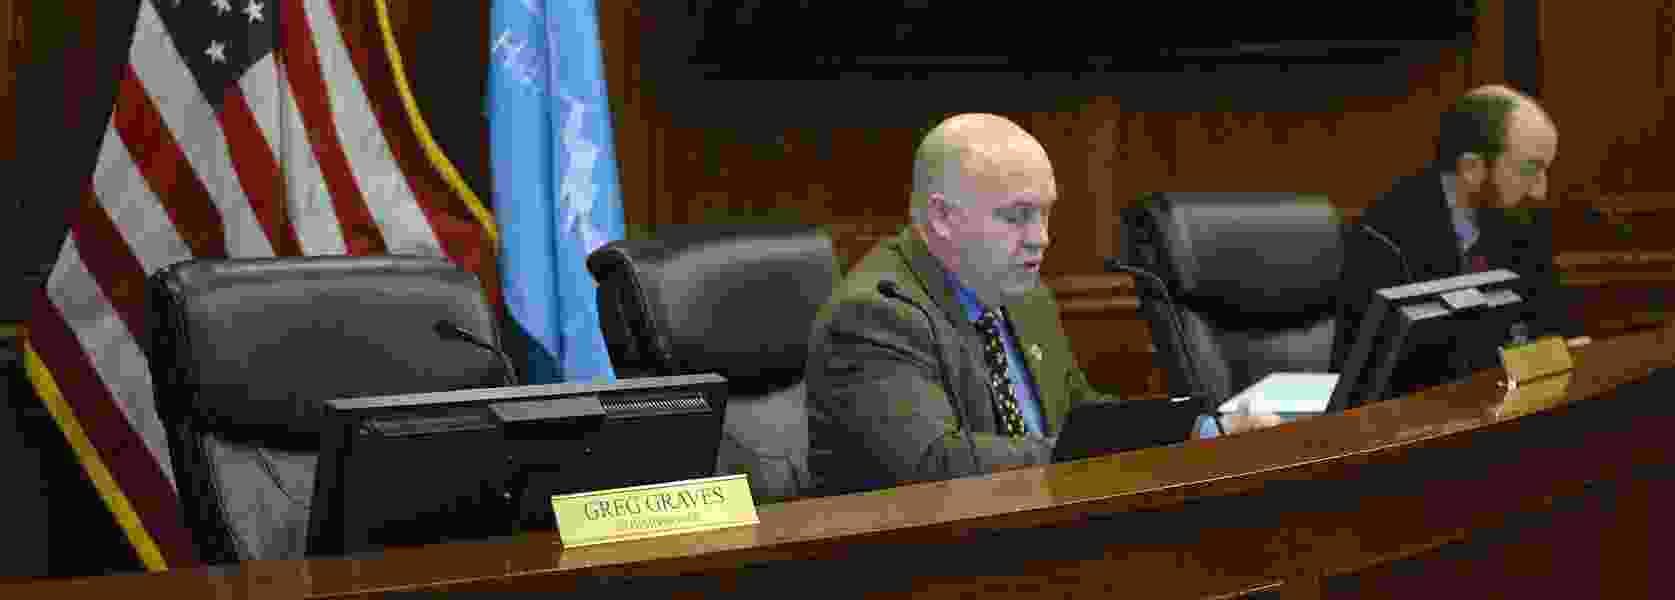 Utah County legislators join chorus calling on Commissioner Greg Graves to resign in wake of harassment allegations